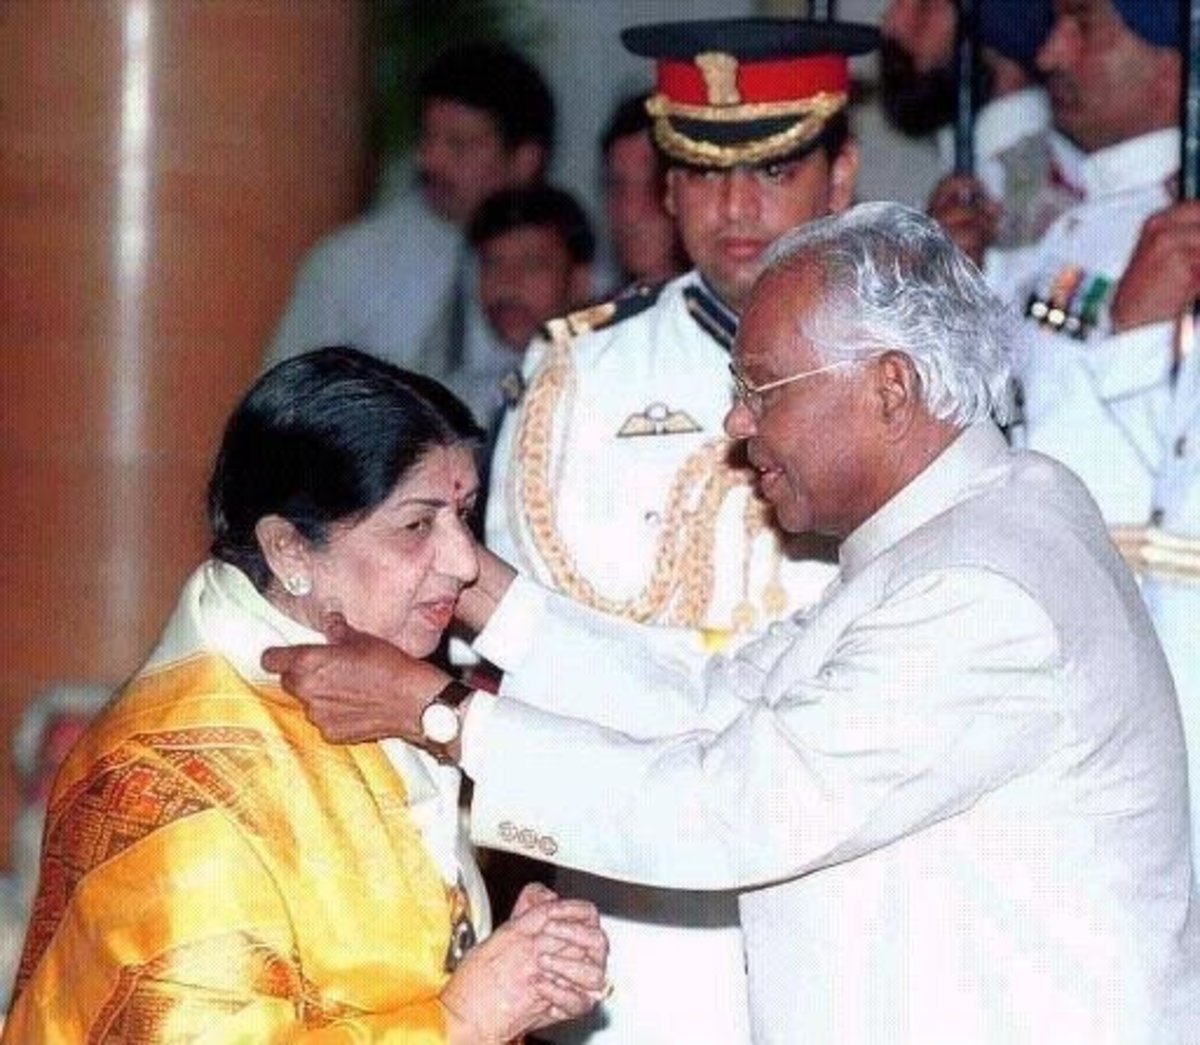 She awarded India's most honorable award Bharatratn Award'